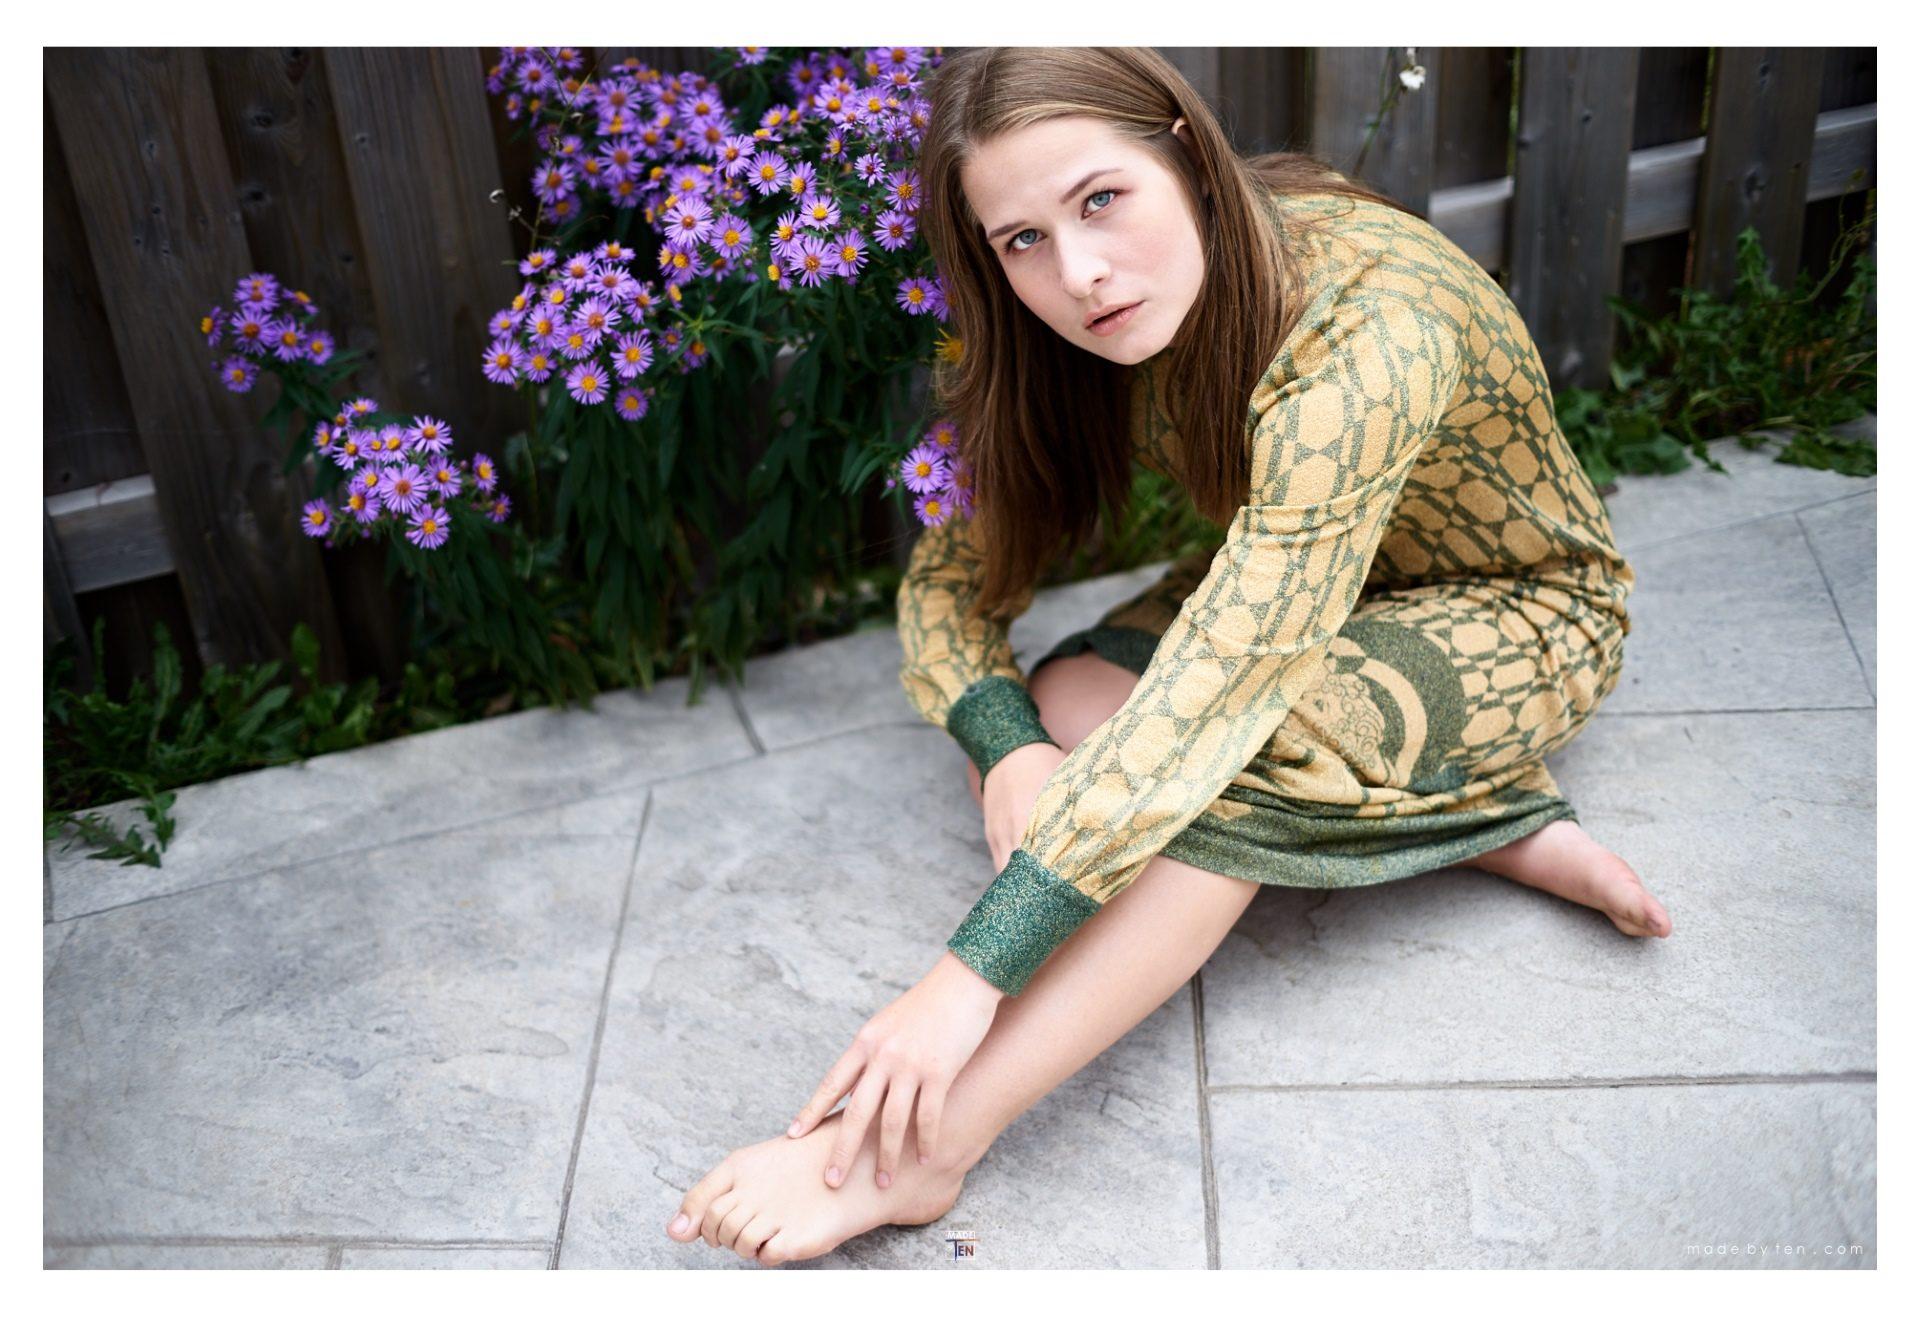 Purple Flowers - GTA Women Art Photography